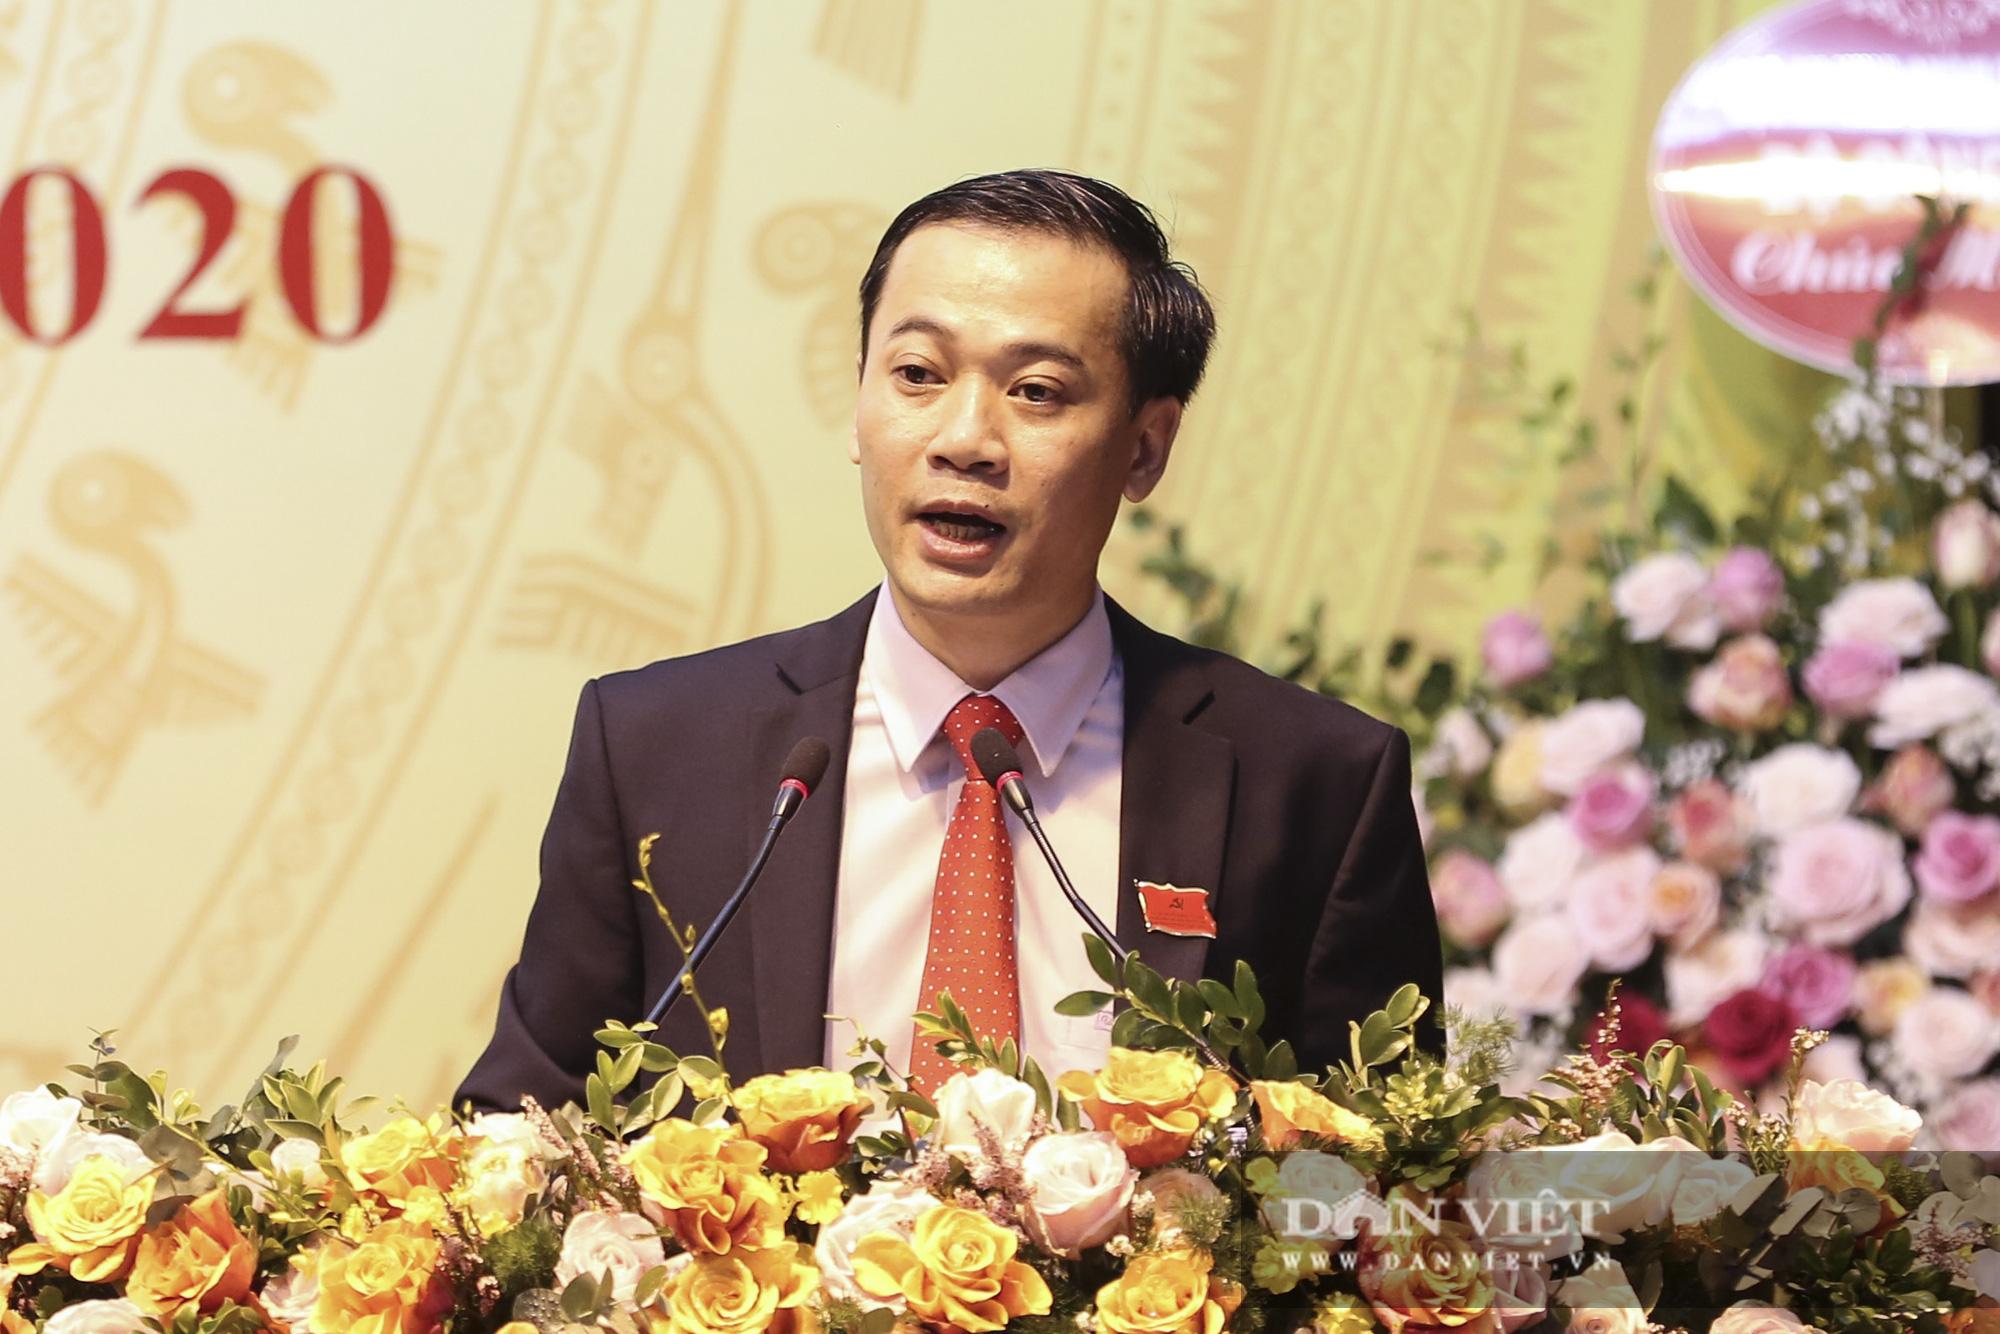 Toàn cảnh khai mạc Đại hội đại biểu Đảng bộ cơ quan T.Ư Hội Nông dân Việt Nam - Ảnh 8.